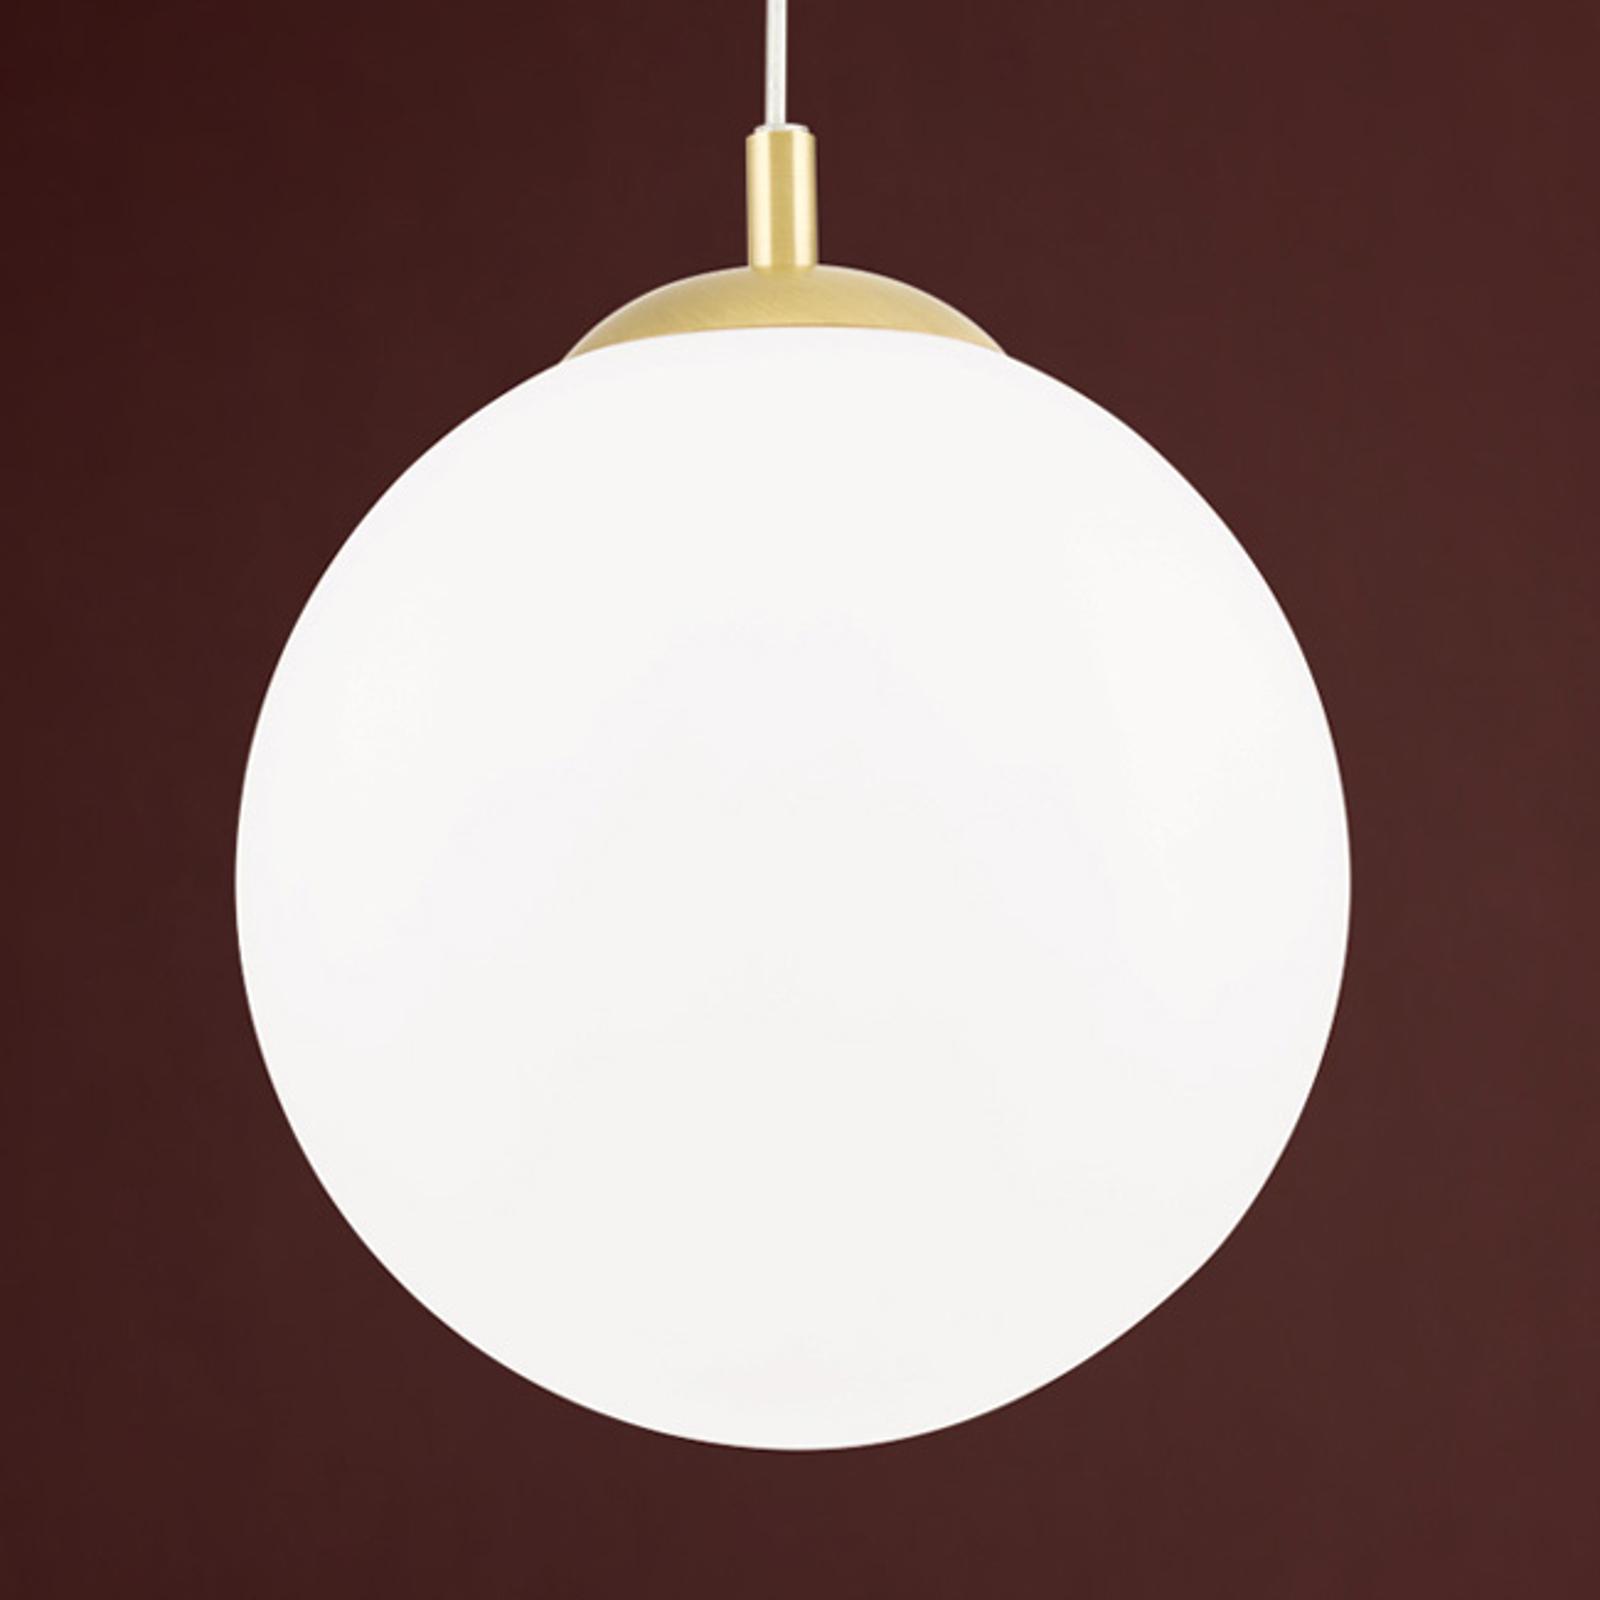 Suspension Madis en laiton mat, à 1 lampe